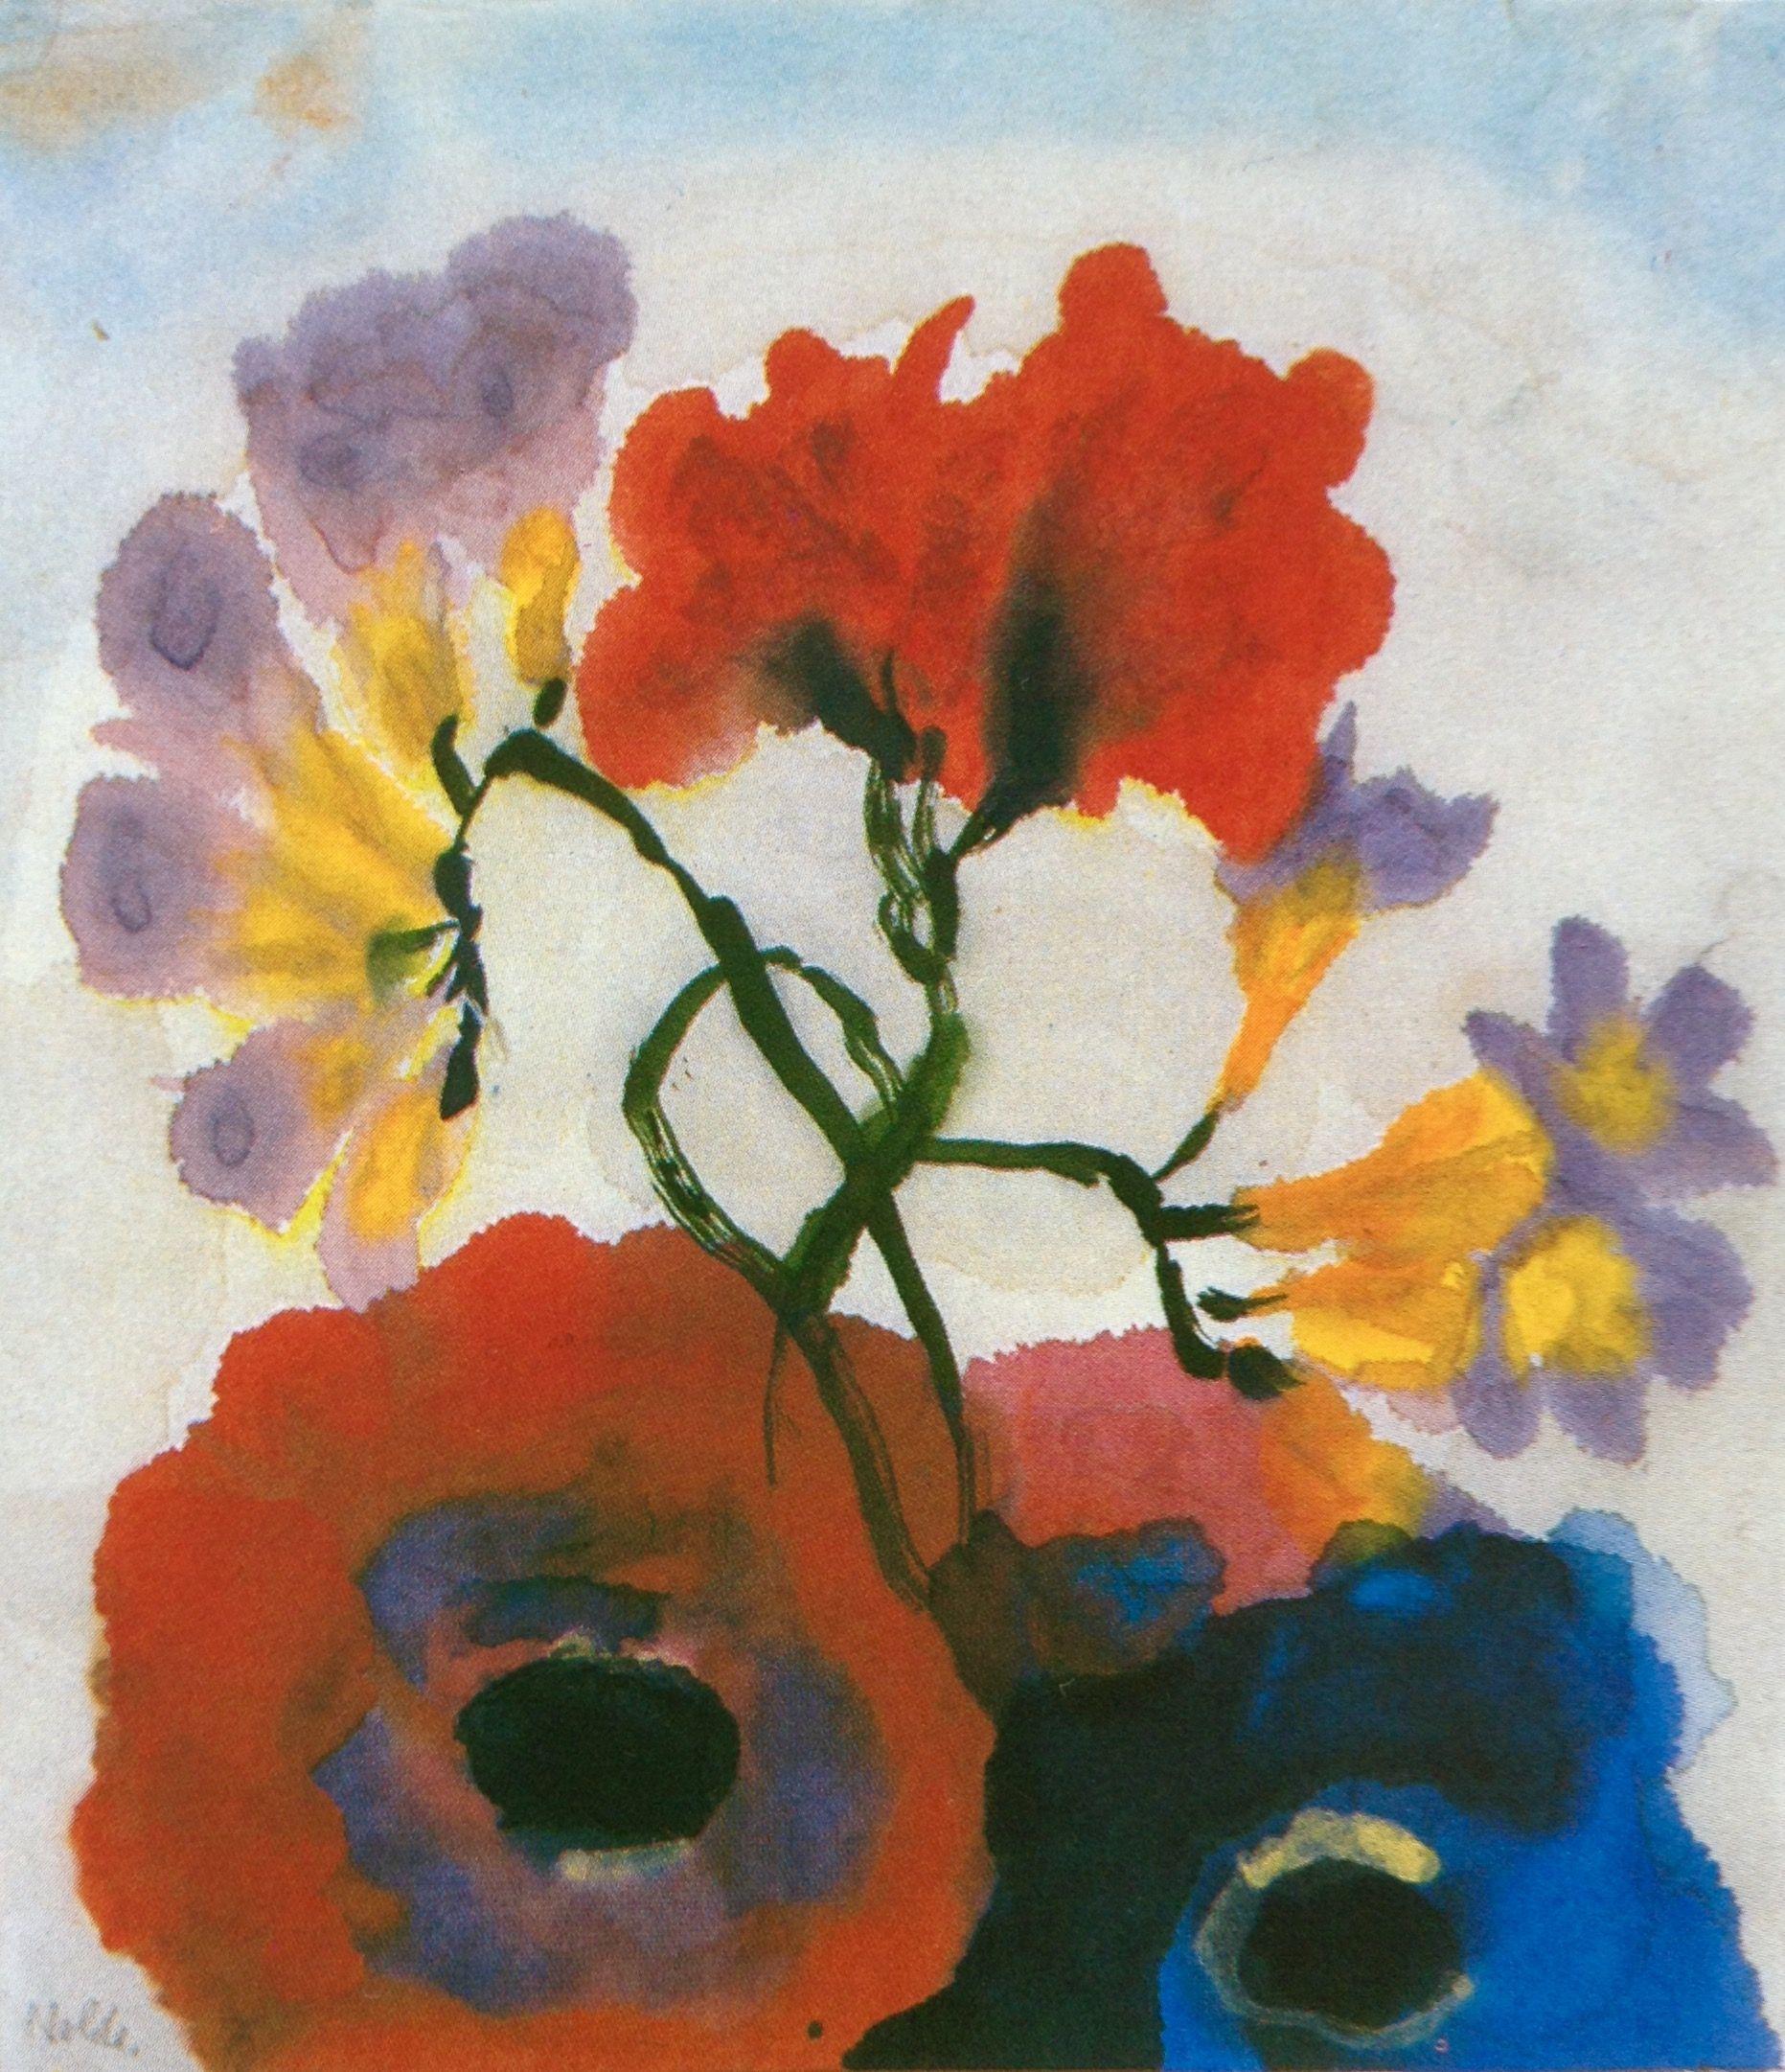 Eines Meiner Liebsten Aquarelle Fresien Und Mohnblumen Emil Nolde